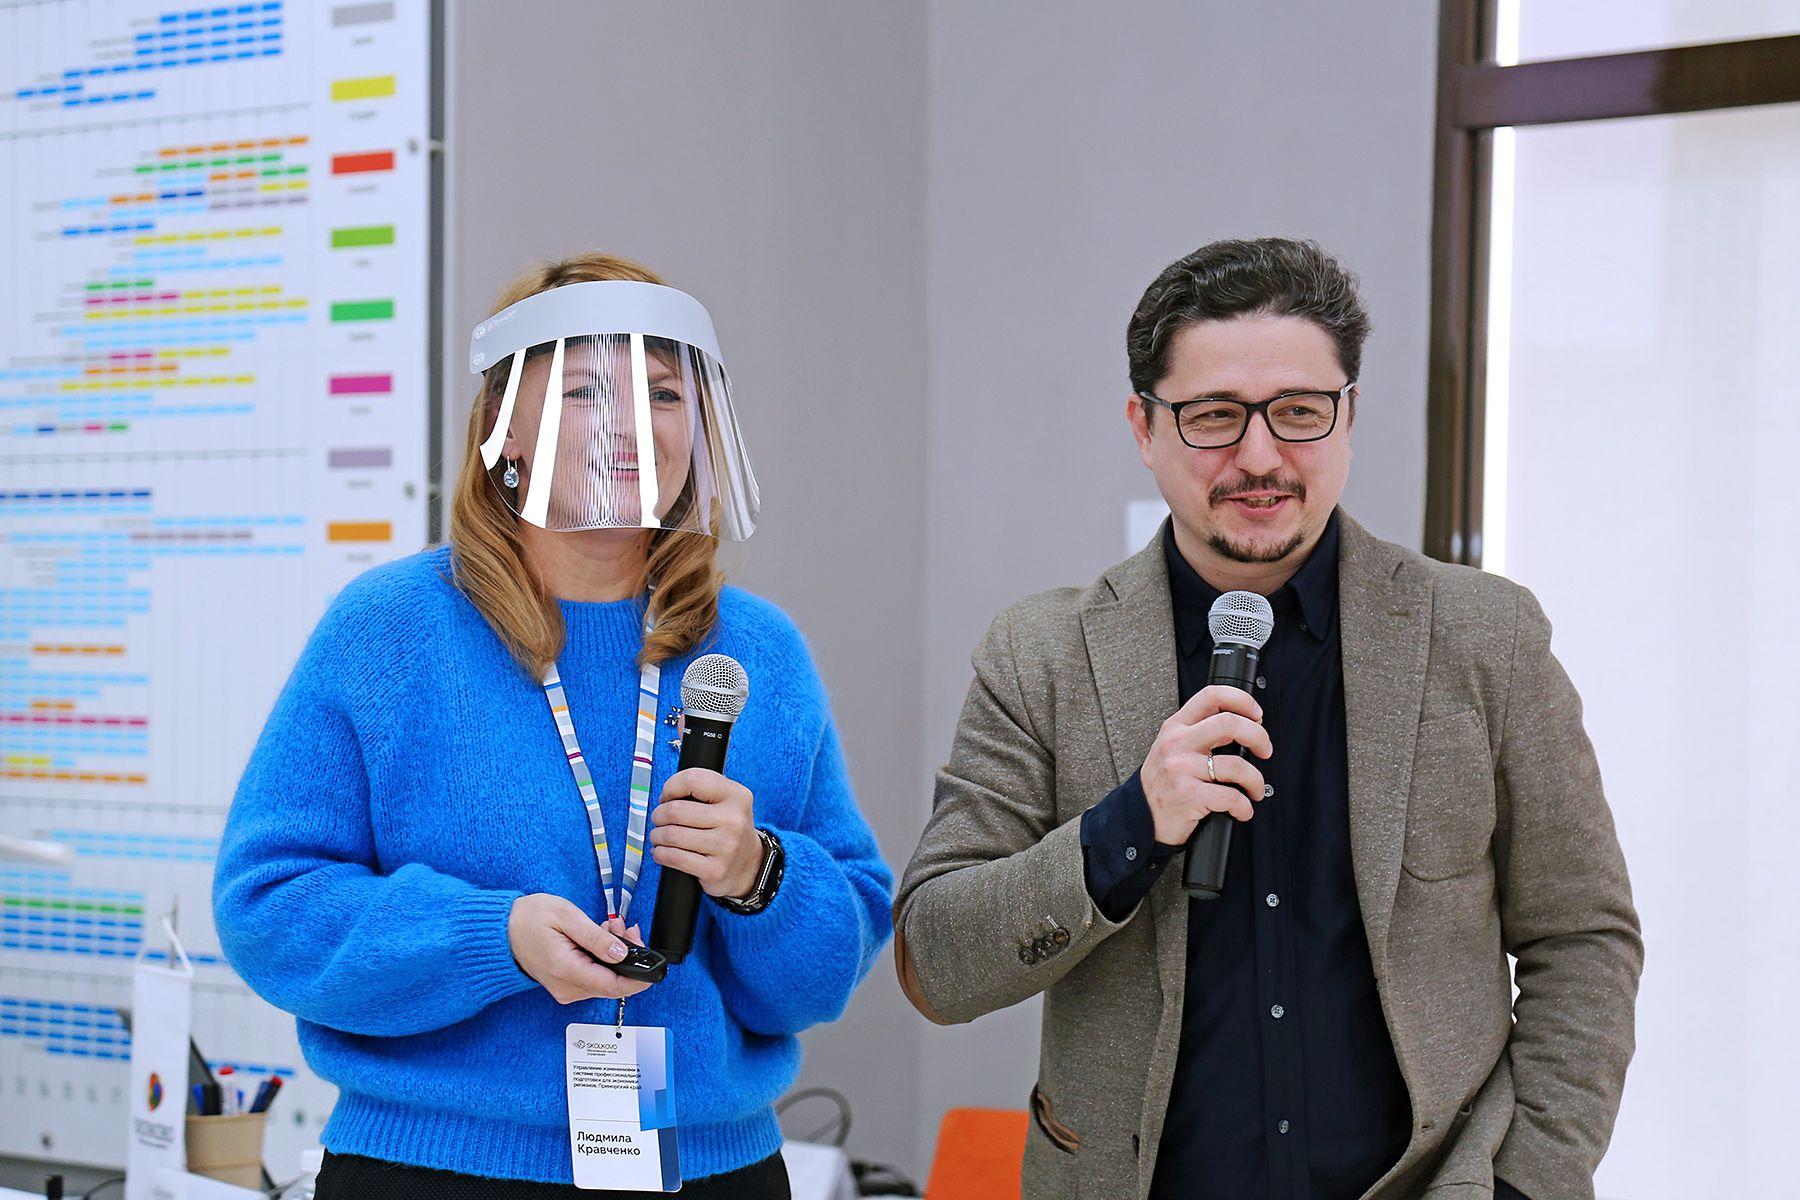 Команда ВГУЭС защитила проект корпоративного университета подготовки специалистов для туристического кластера «Приморье»